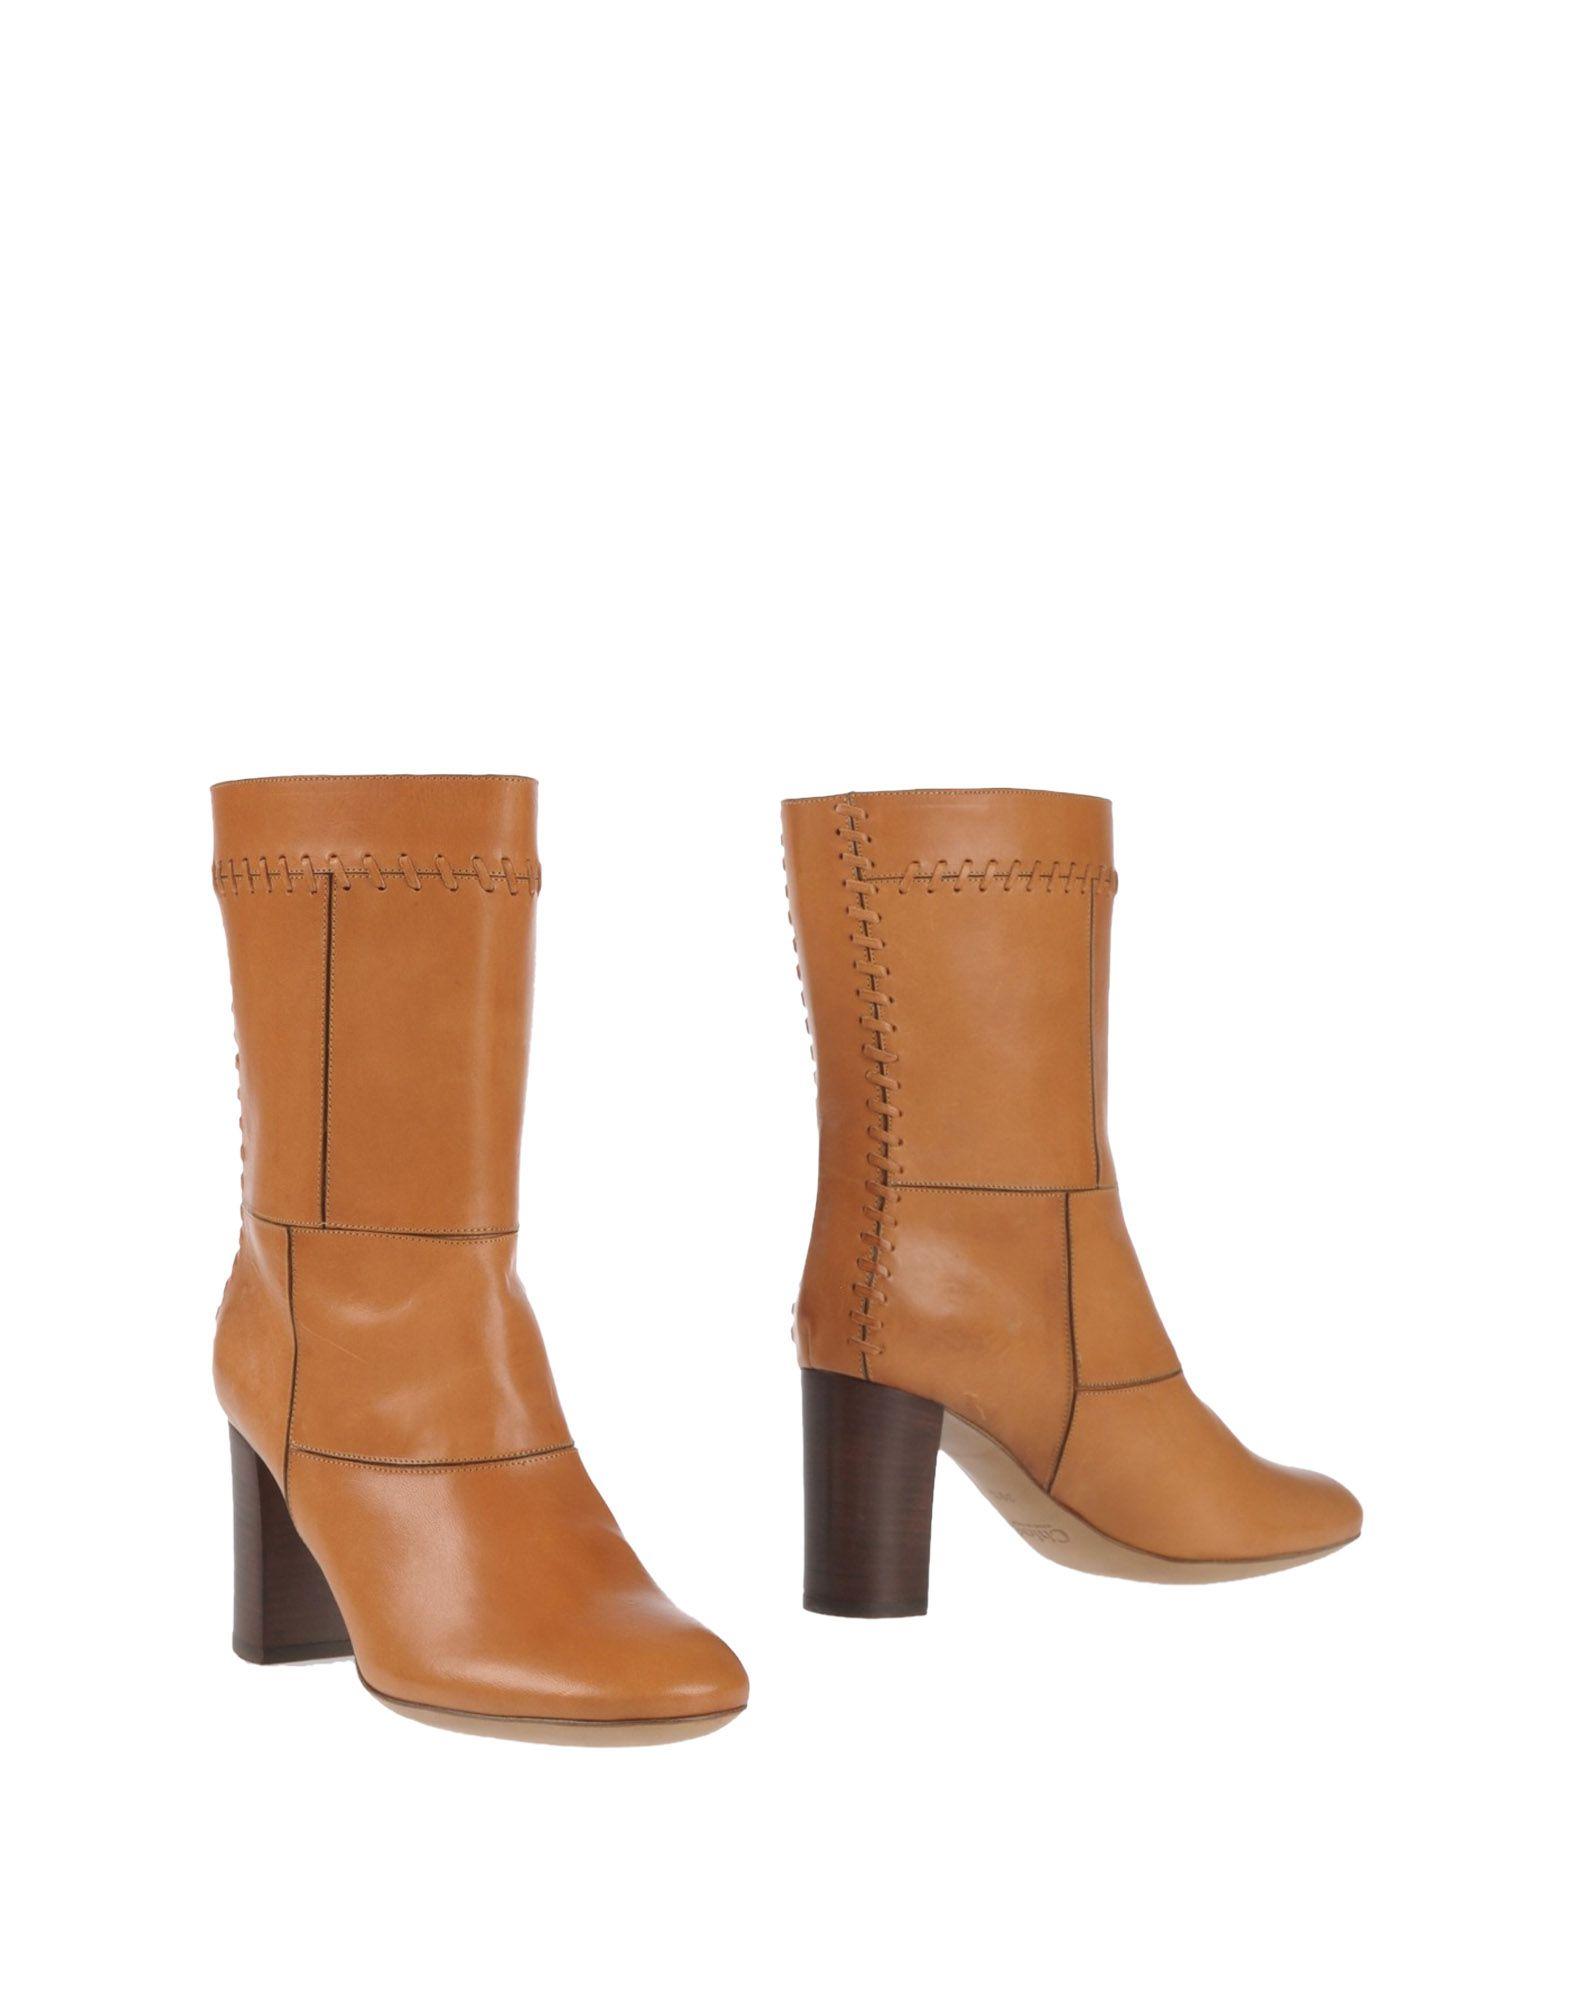 Chloé Stiefelette Damen  44992516XTGünstige Schuhe gut aussehende Schuhe 44992516XTGünstige 1caf42